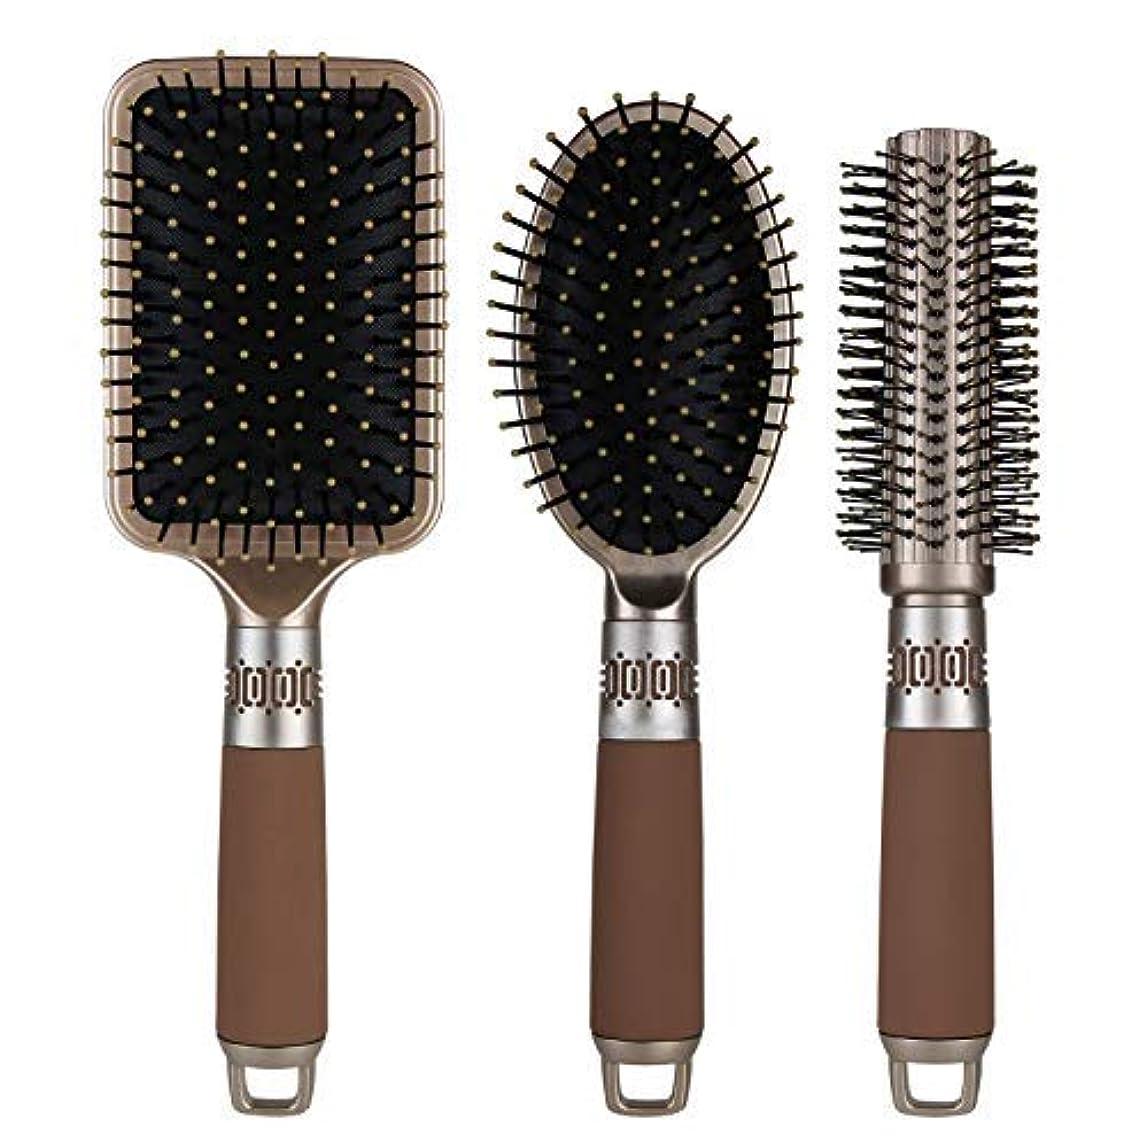 宿泊施設タイル独立NVTED 3PCS Hair Combs, Massage Paddle Round Brush Hair Brushes Set Anti Static Detangling Air Cushion Bristle...